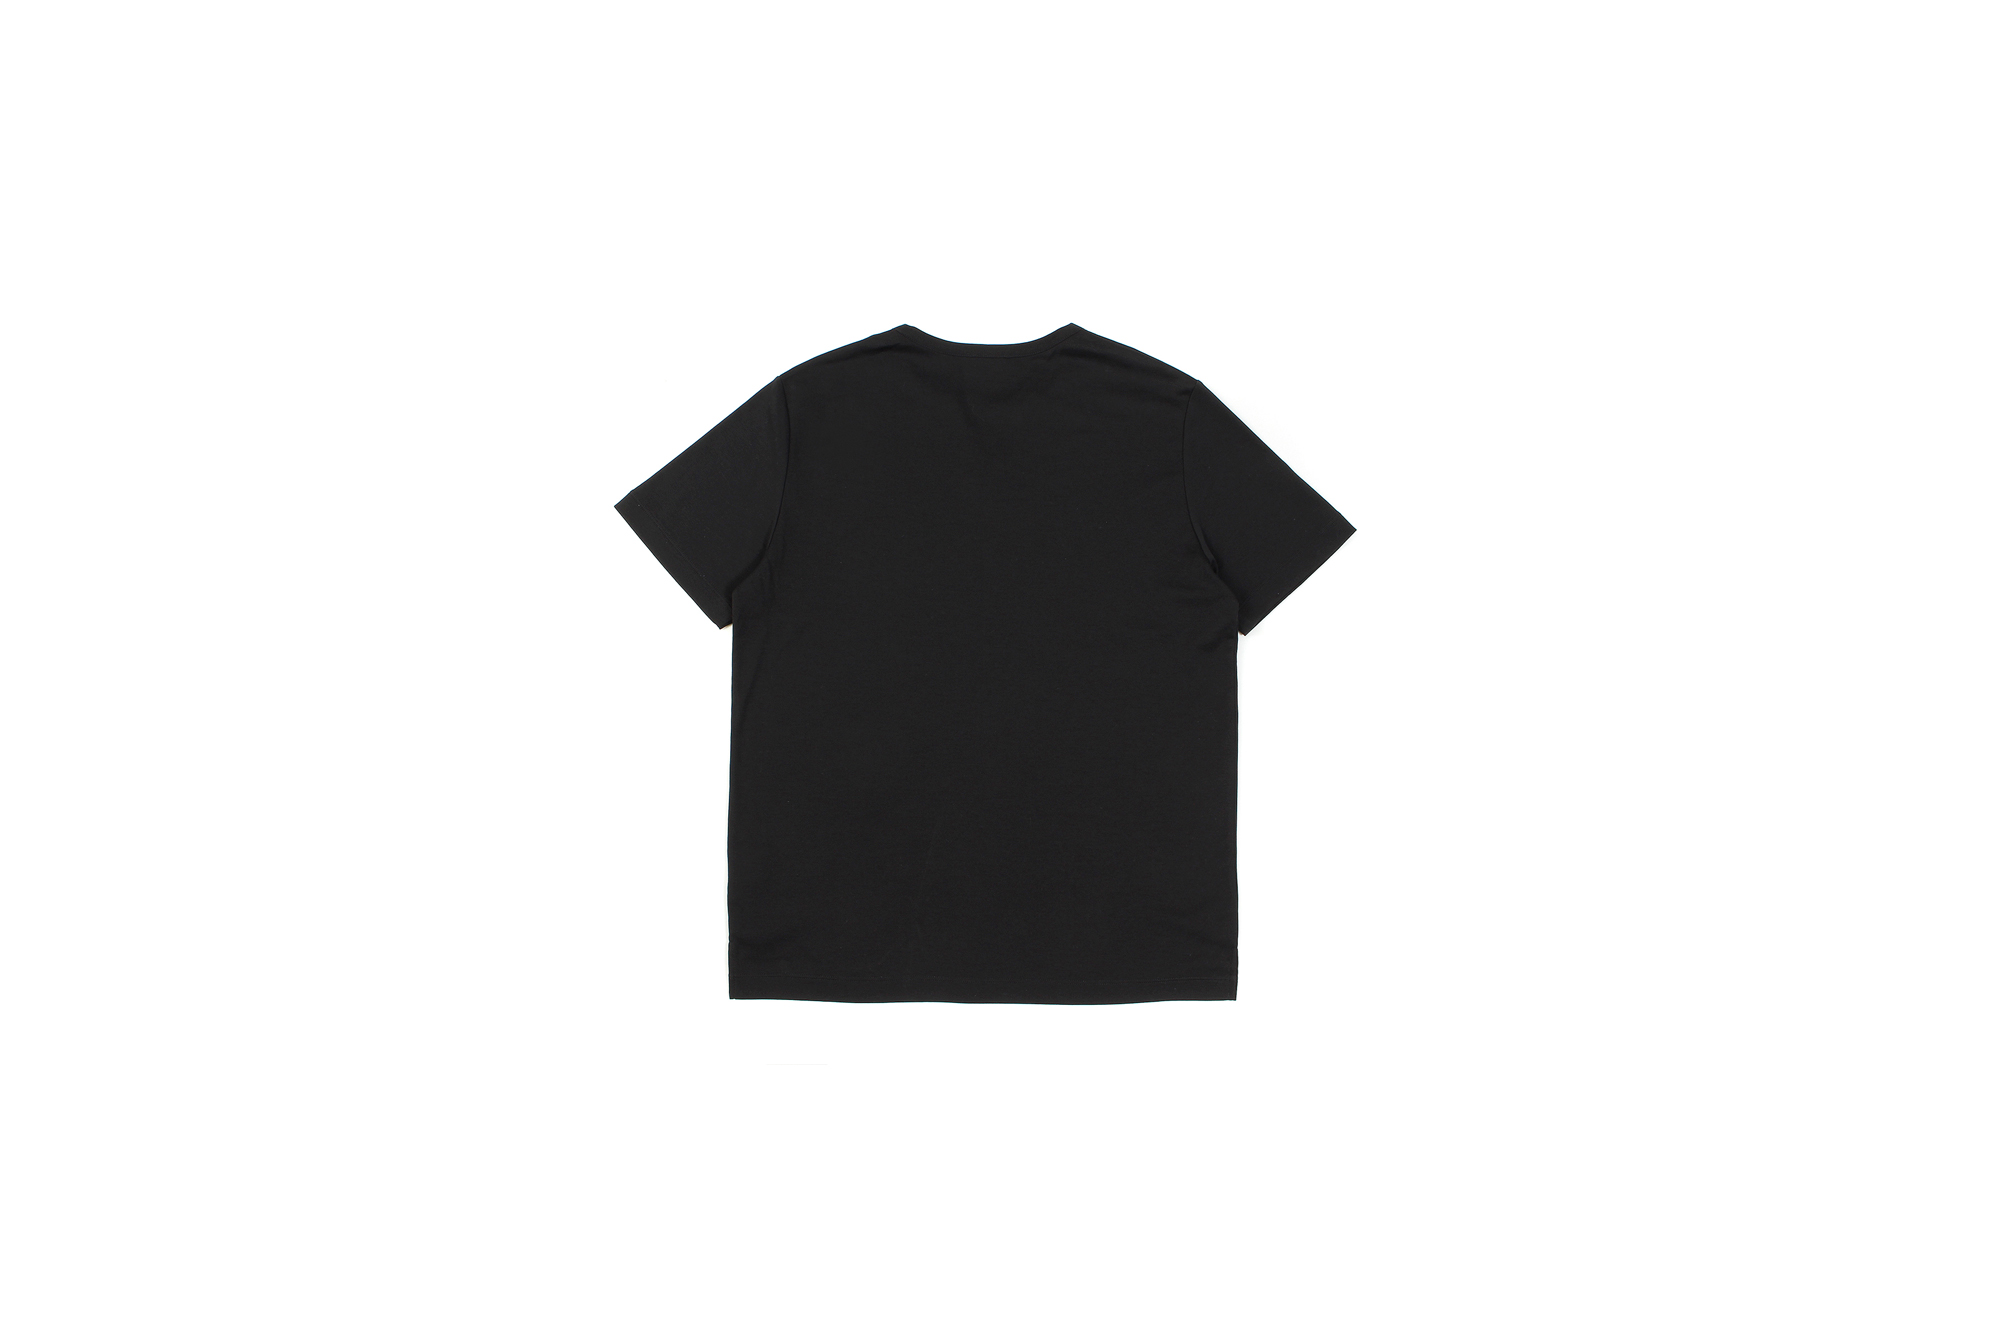 nomiamo (ノミアモ) SUPIMA 80/1 Key Neck T-shirt スーピマコットン キーネック Tシャツ BLACK (ブラック) 2021 春夏 【Alto e Diritto別注】【Special限定モデル】愛知 名古屋 Altoediritto アルトエデリット カットソー 半袖Tシャツ